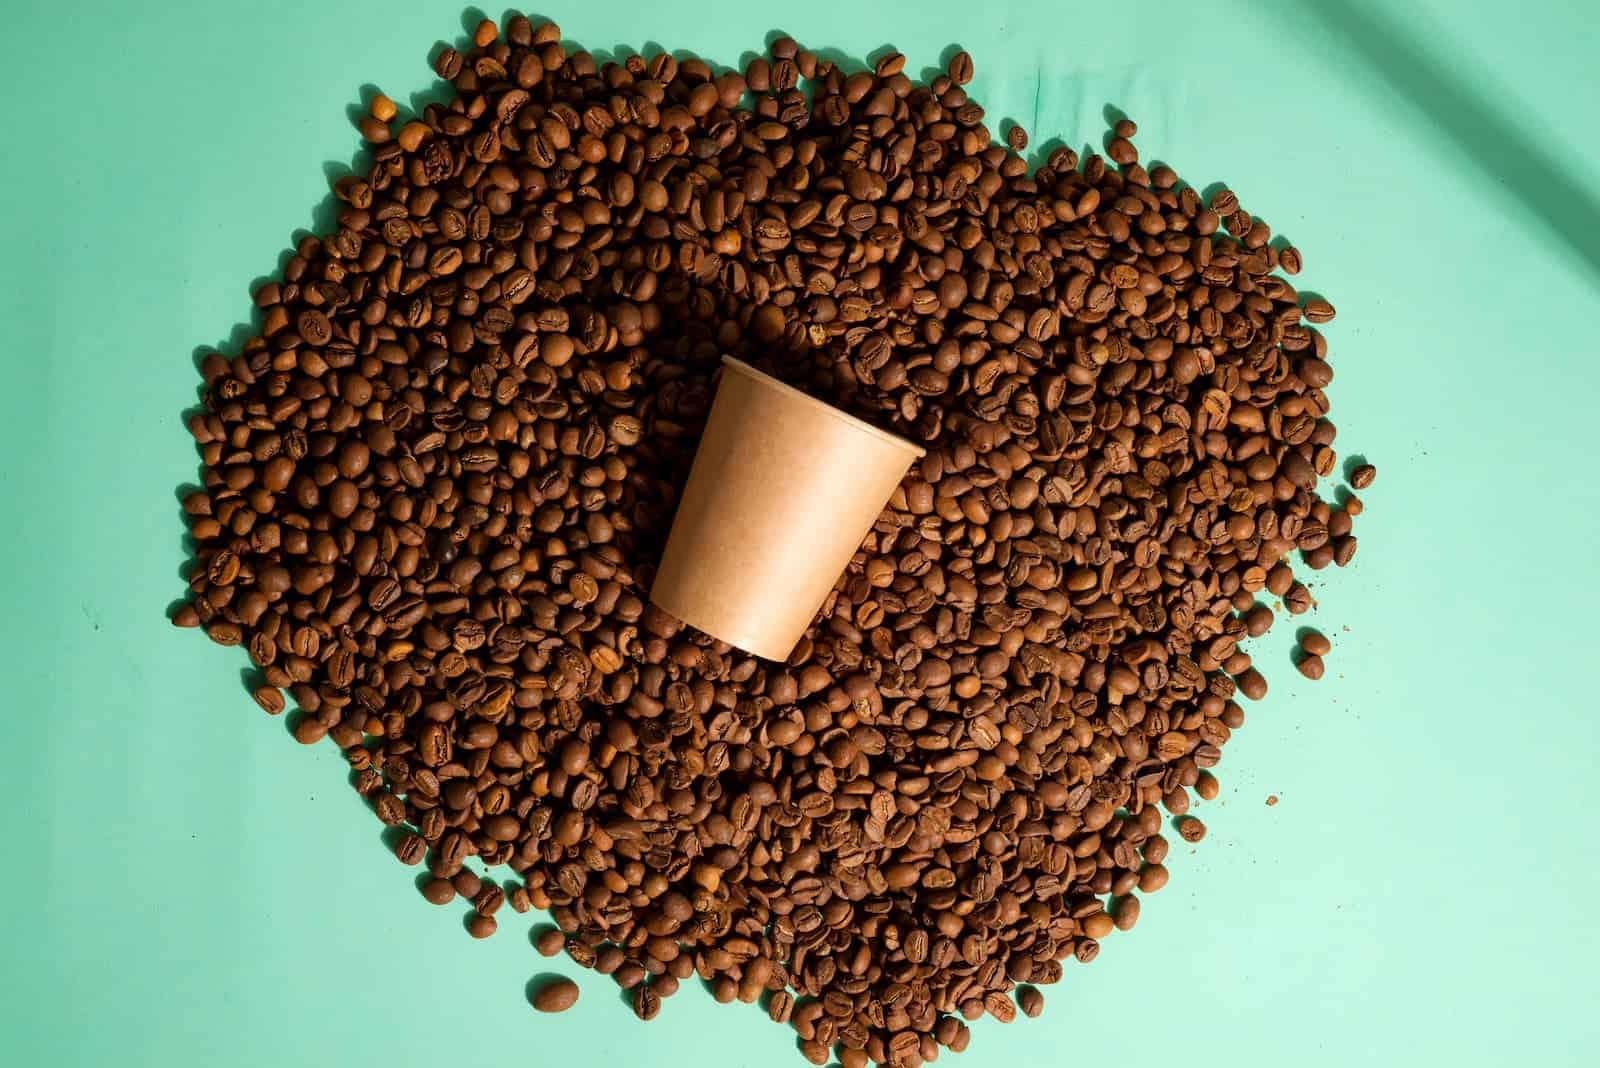 separando os grãos de café